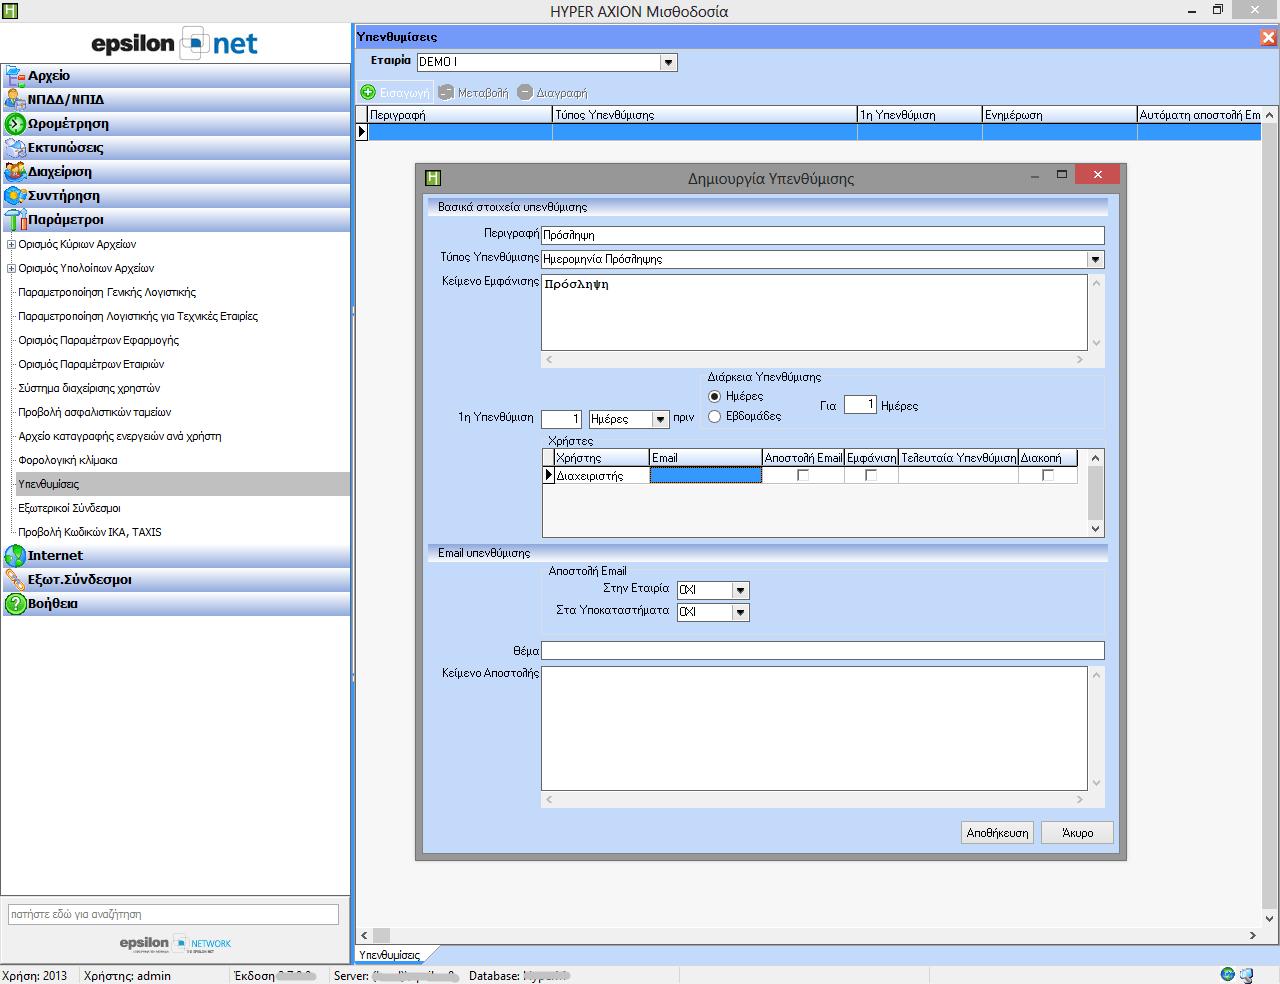 Δυνατότητα αυτόματης υπενθύμισης στο χρήστη σε επιλεγμένη ημερομηνία